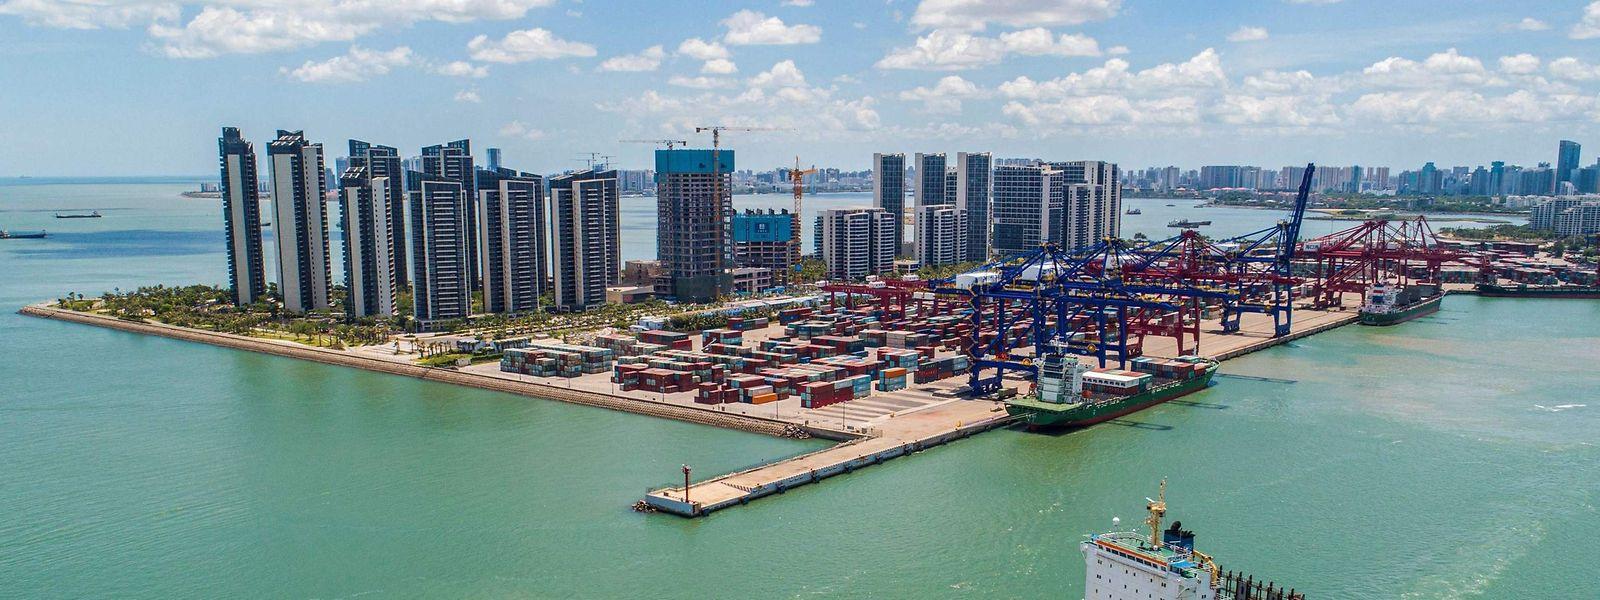 Un cargo chargé de conteneurs quitte le port de Haikou, dans la province chinoise de Hainan.